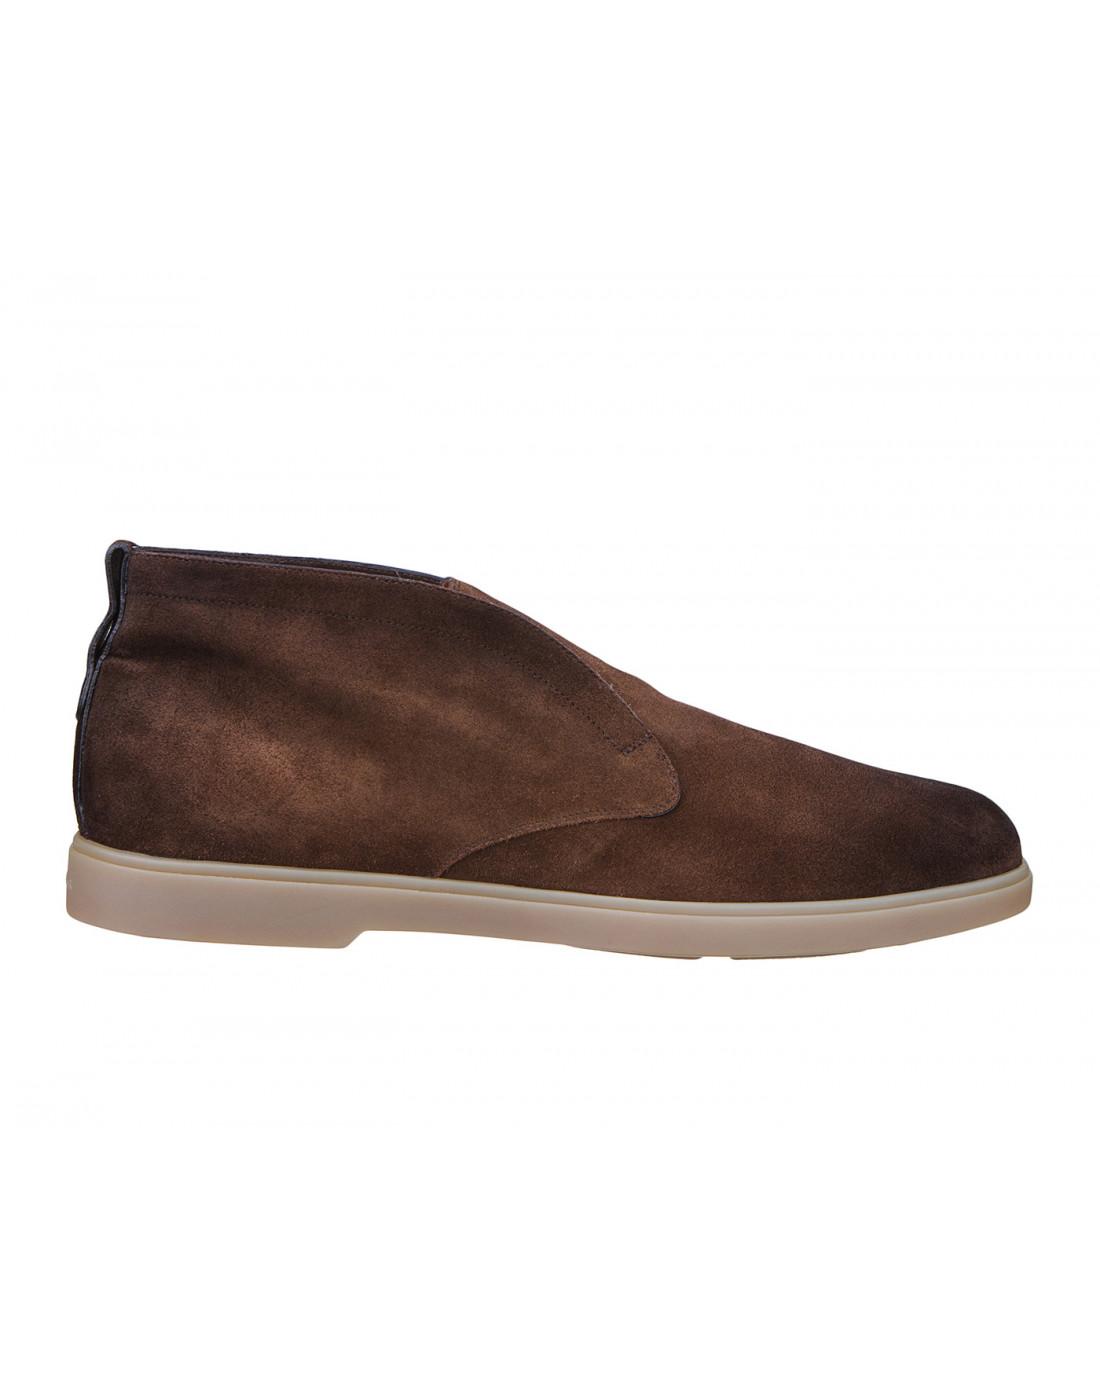 Ботинки коричневые мужские Santoni S15777-1